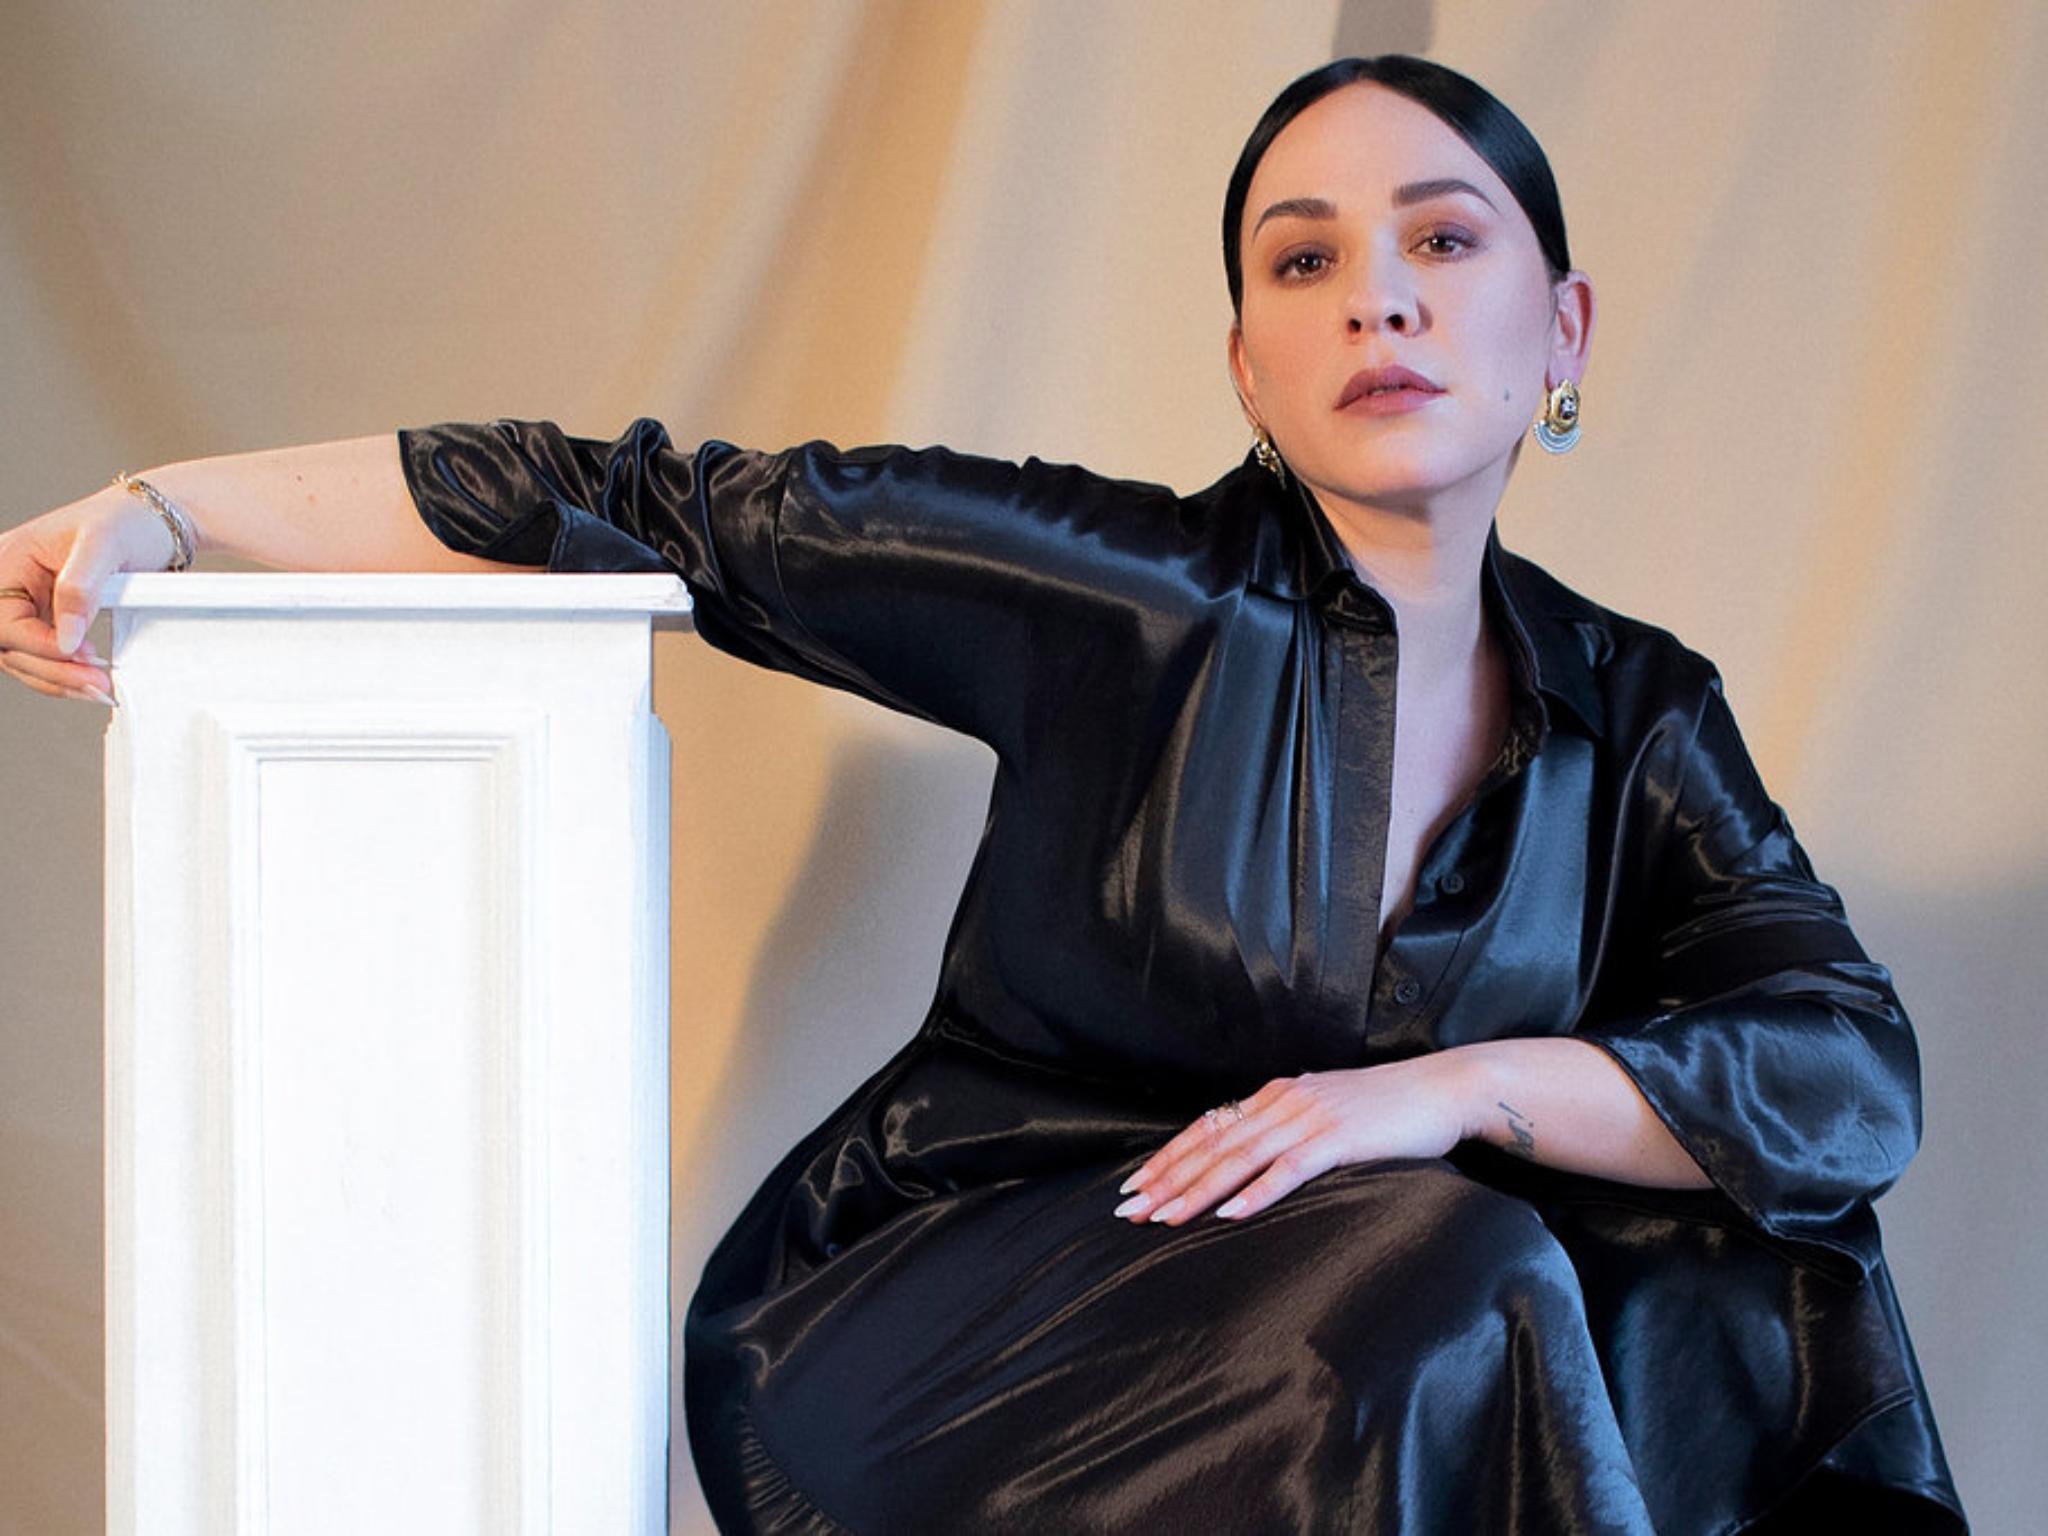 Carla Morrison dará concierto en línea para celebrar el 14 de febrero